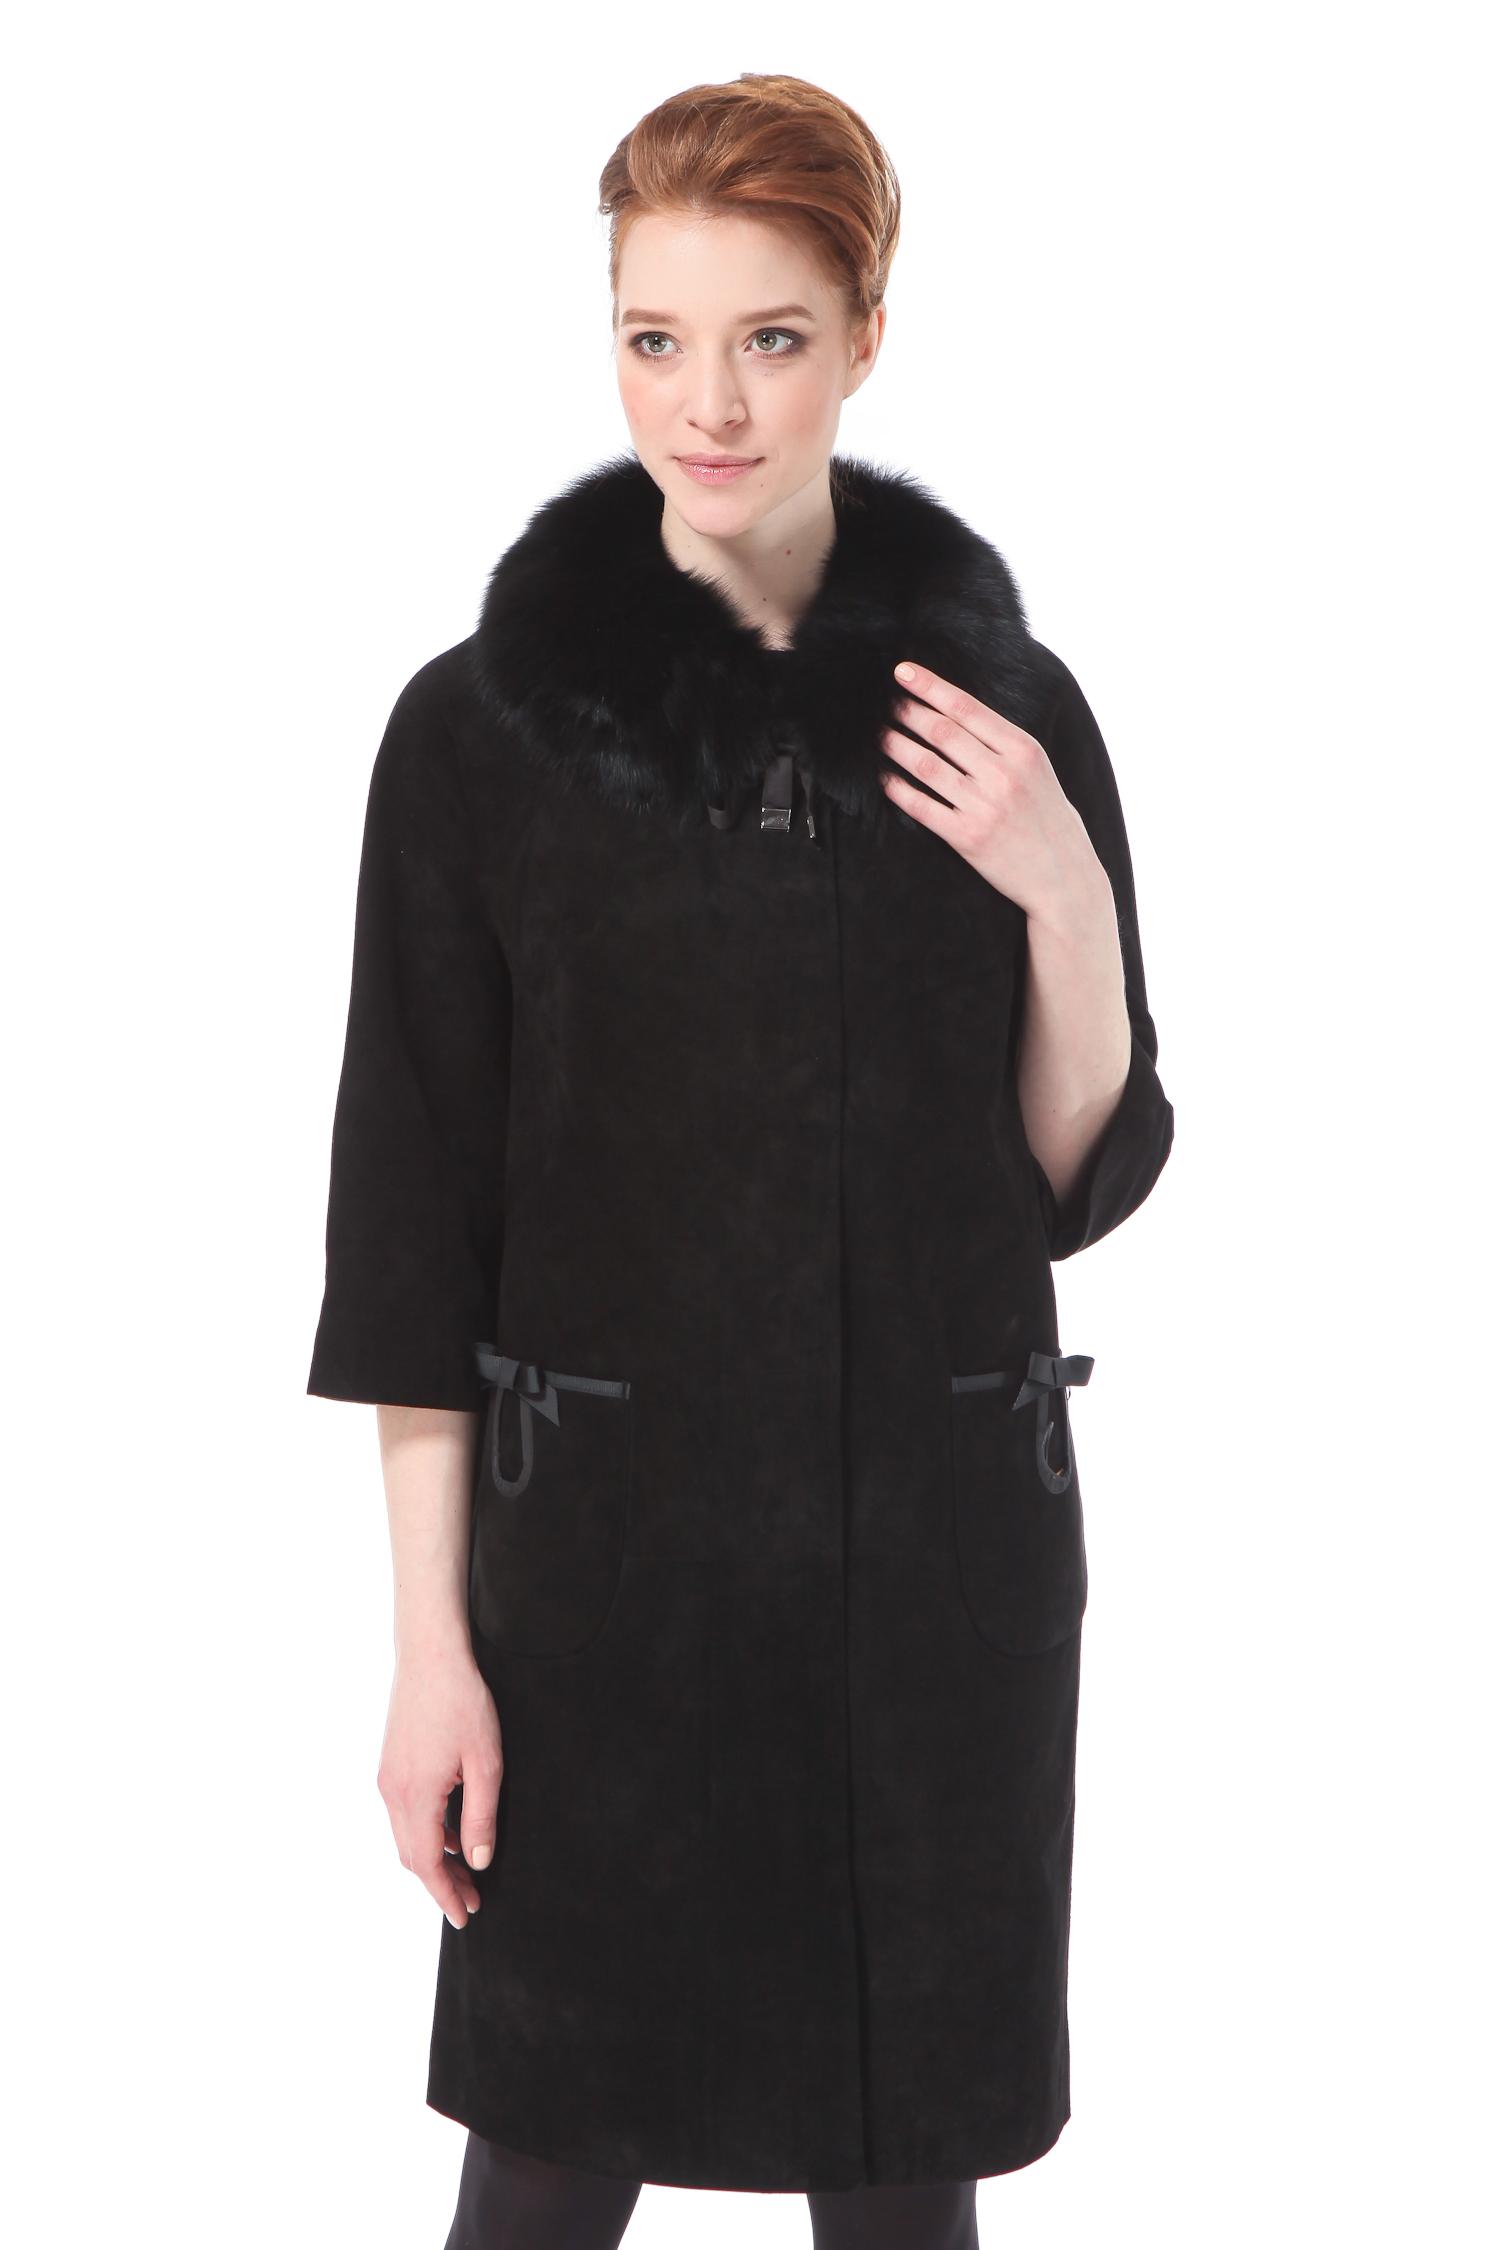 Женское кожаное пальто из натуральной замши с воротником, отделка песец<br><br>Воротник: съемный воротник<br>Длина см: Длинная (свыше 90)<br>Материал: Замша<br>Цвет: черный<br>Вид застежки: потайная<br>Застежка: на молнии<br>Пол: Женский<br>Размер RU: 48